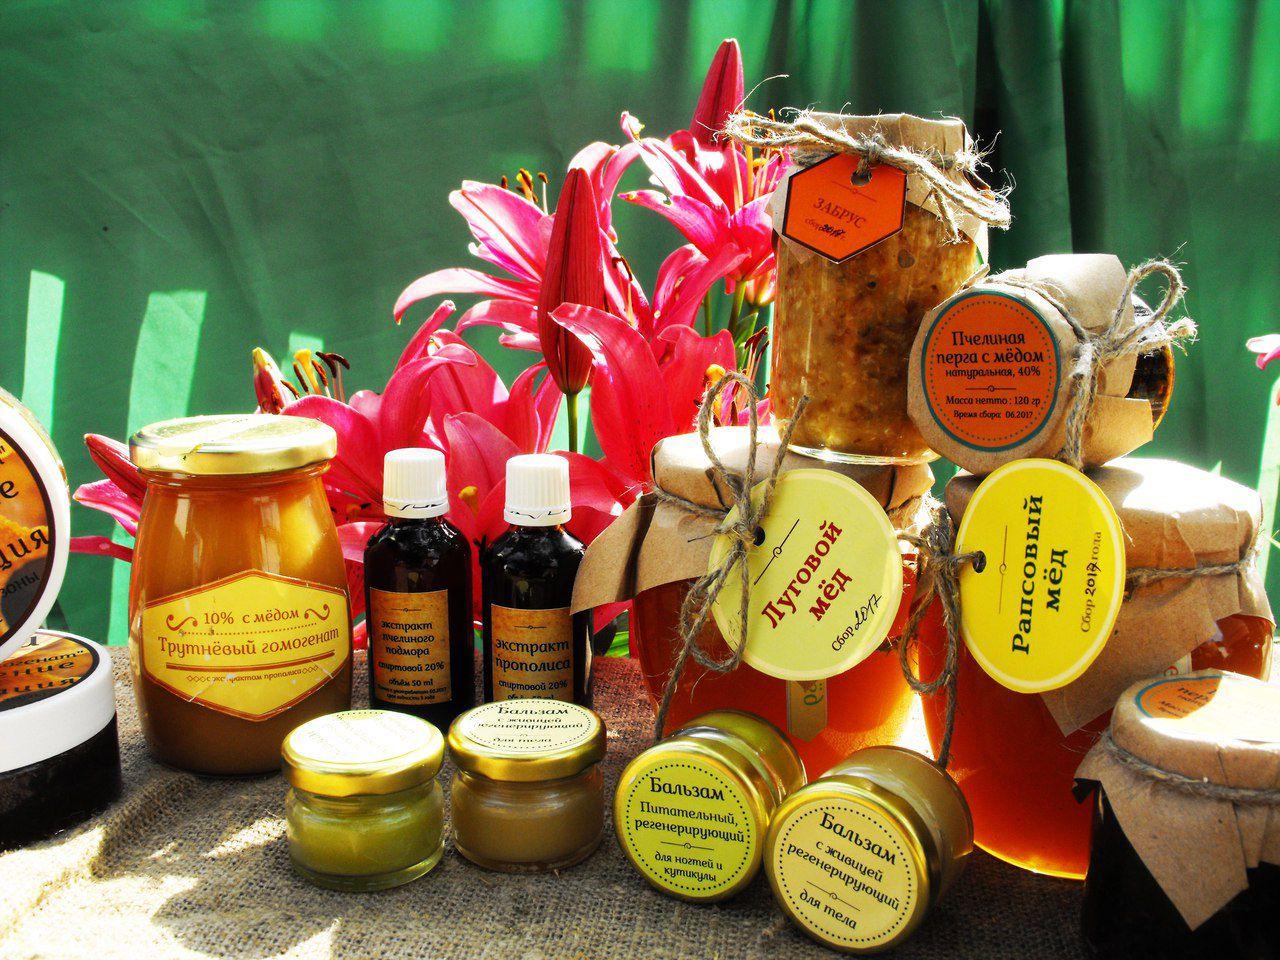 органическая продукты косметика натуральный уход мед эко